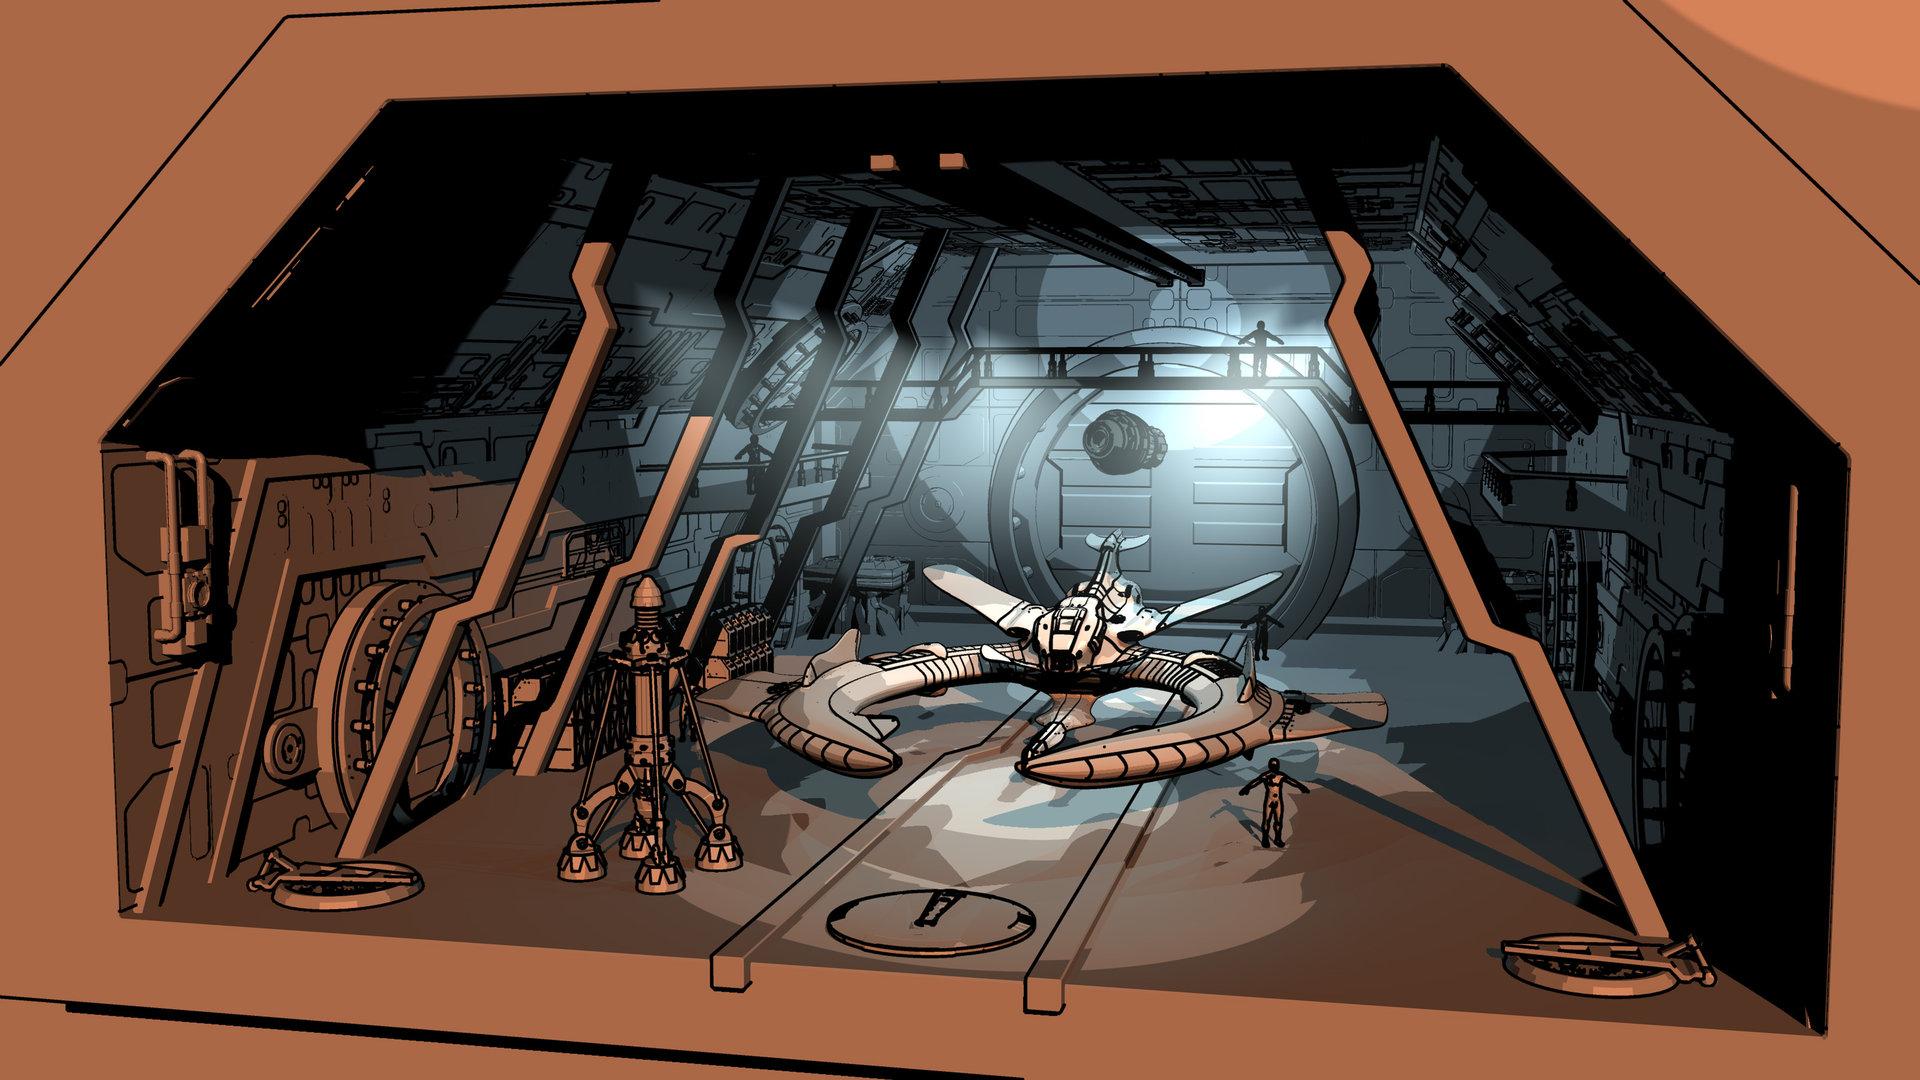 Murat kaya hangar sketch02